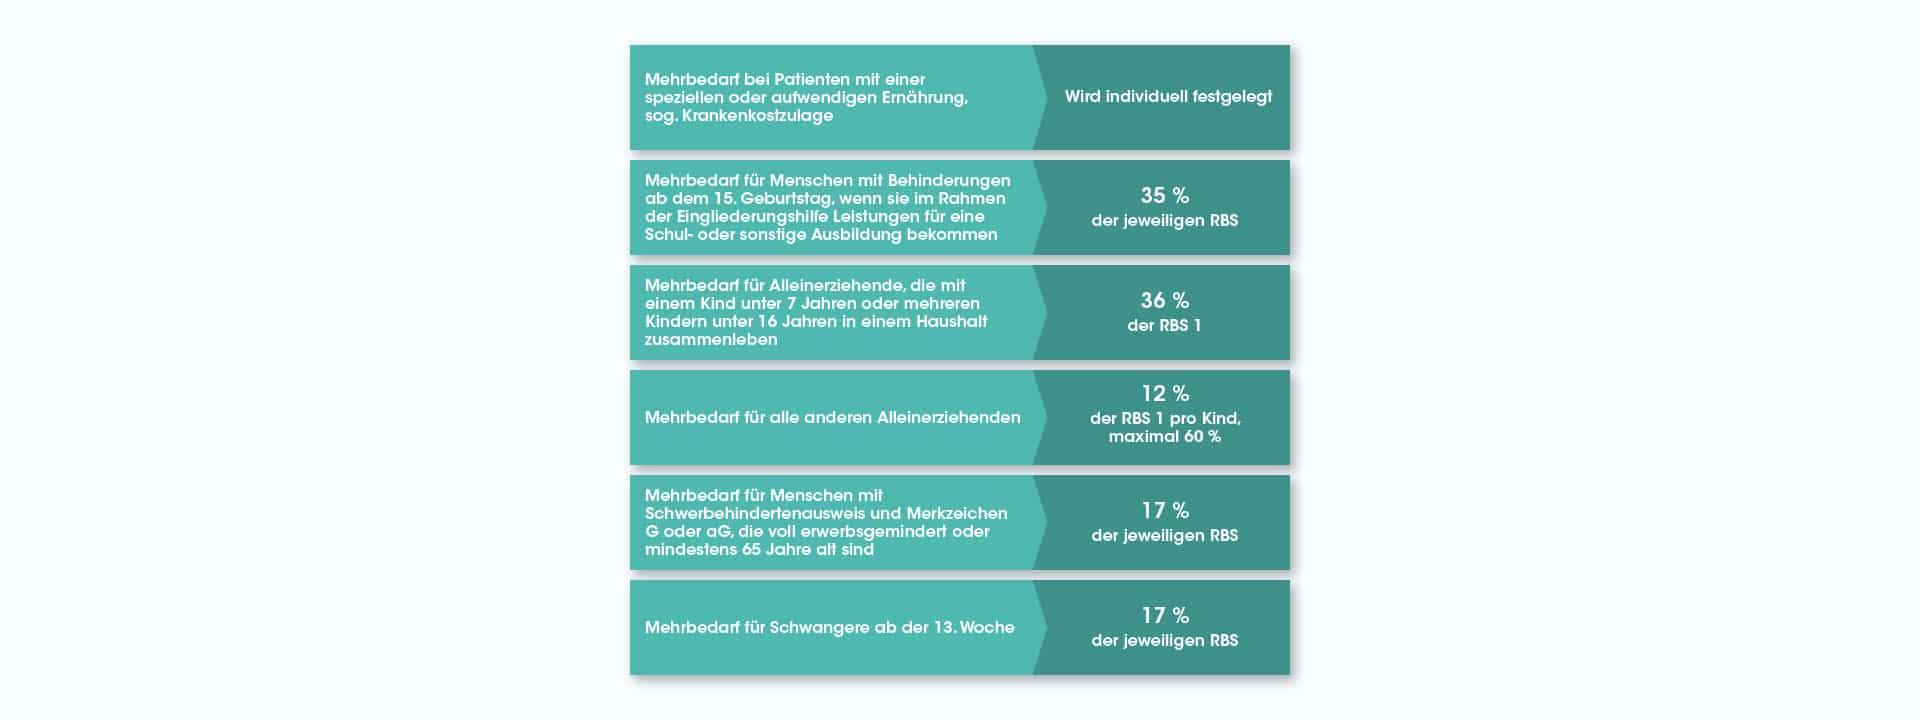 Tabelle zu finanziellem Mehrbedarf bei Grundsicherung von Menschen mit Epidermolysis Bullosa